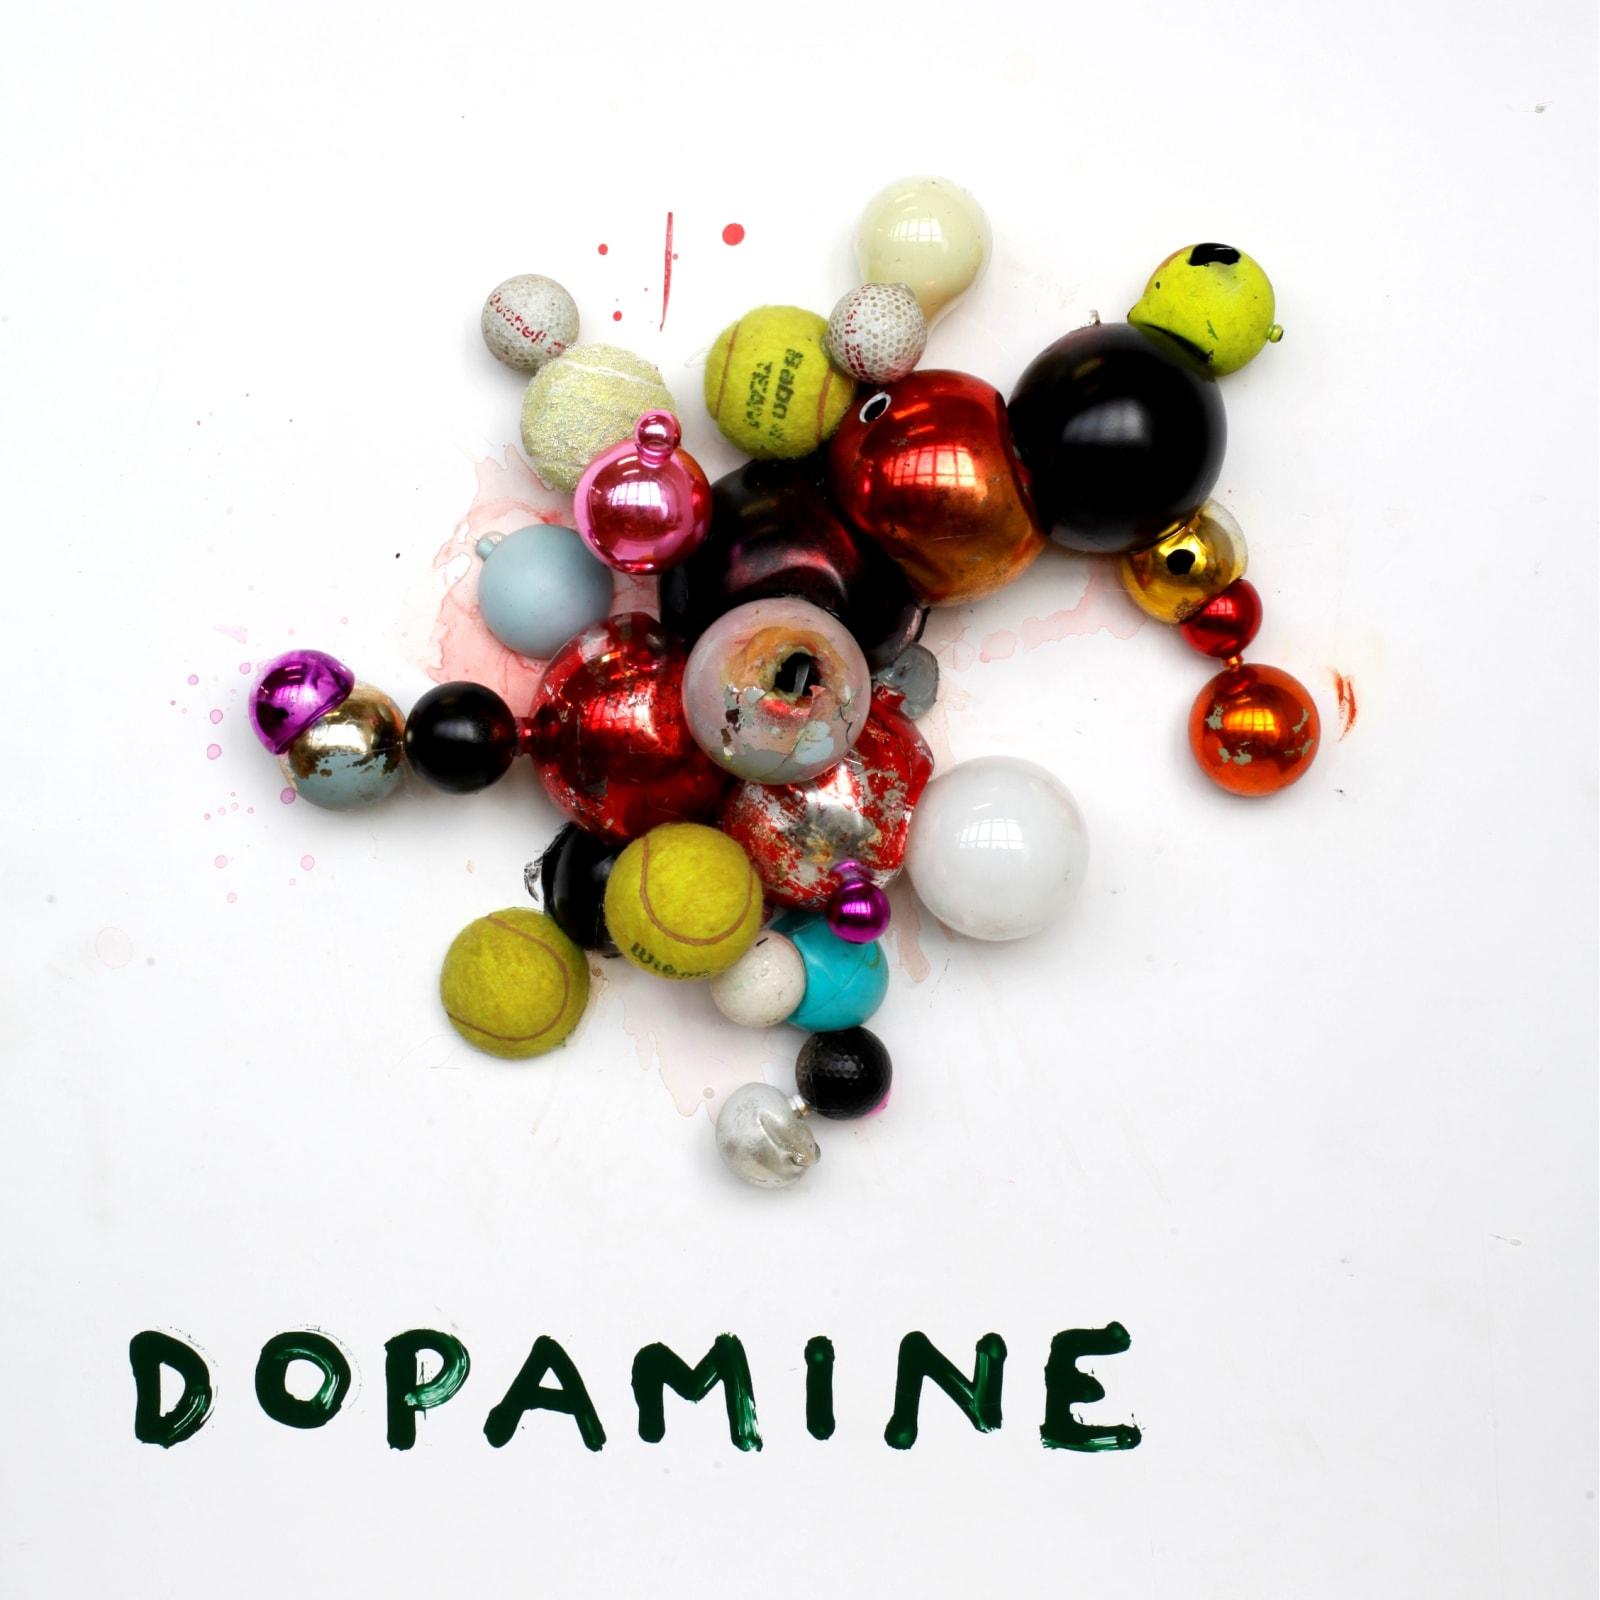 Krištof Kintera, Dopamine, 2018